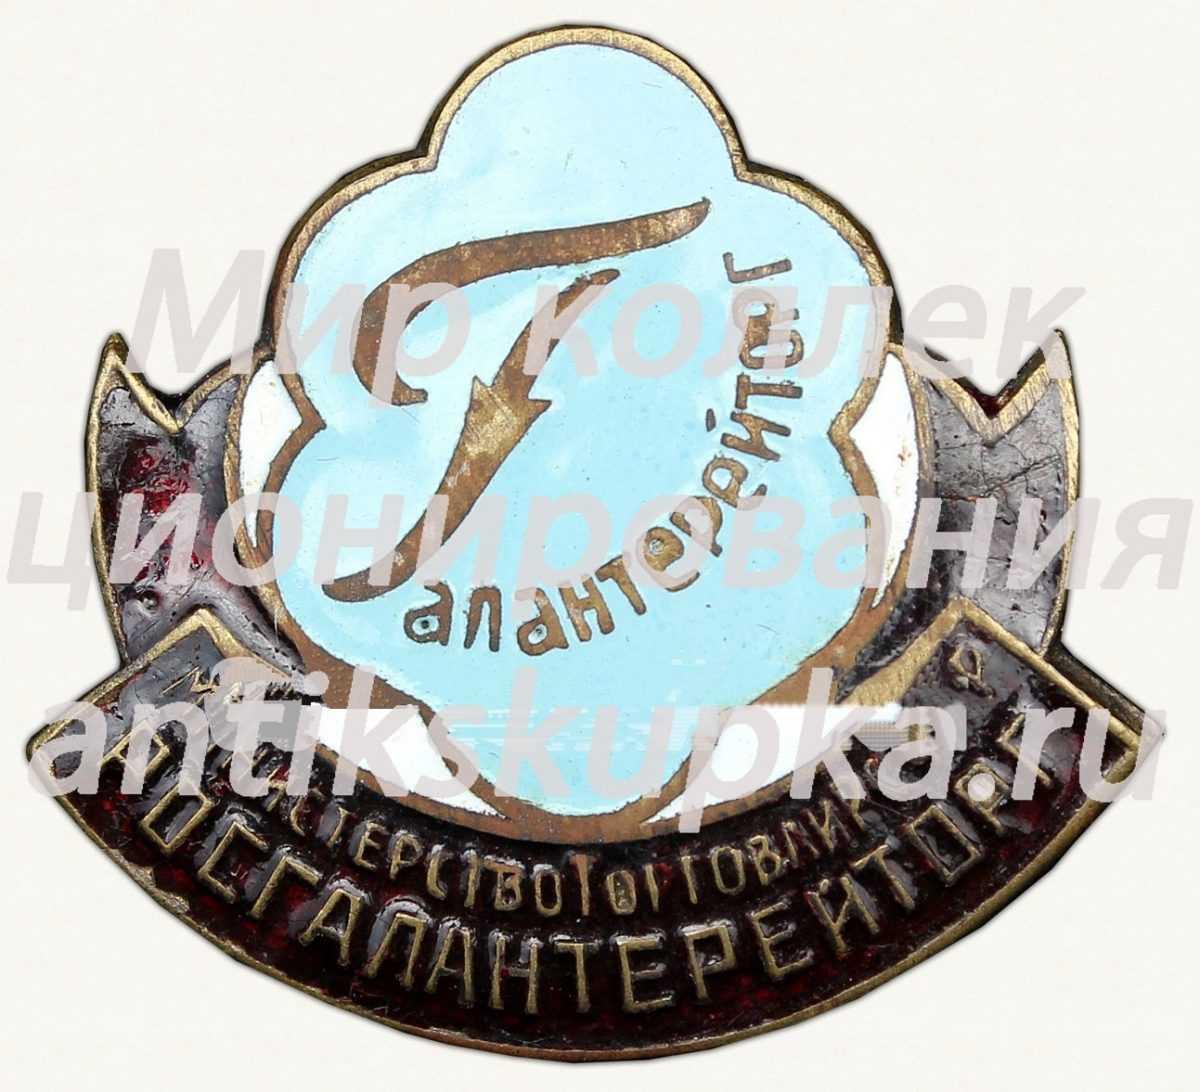 Знак ««Галантерейторг». Министерство торговли. «Росгалантерейторг»»